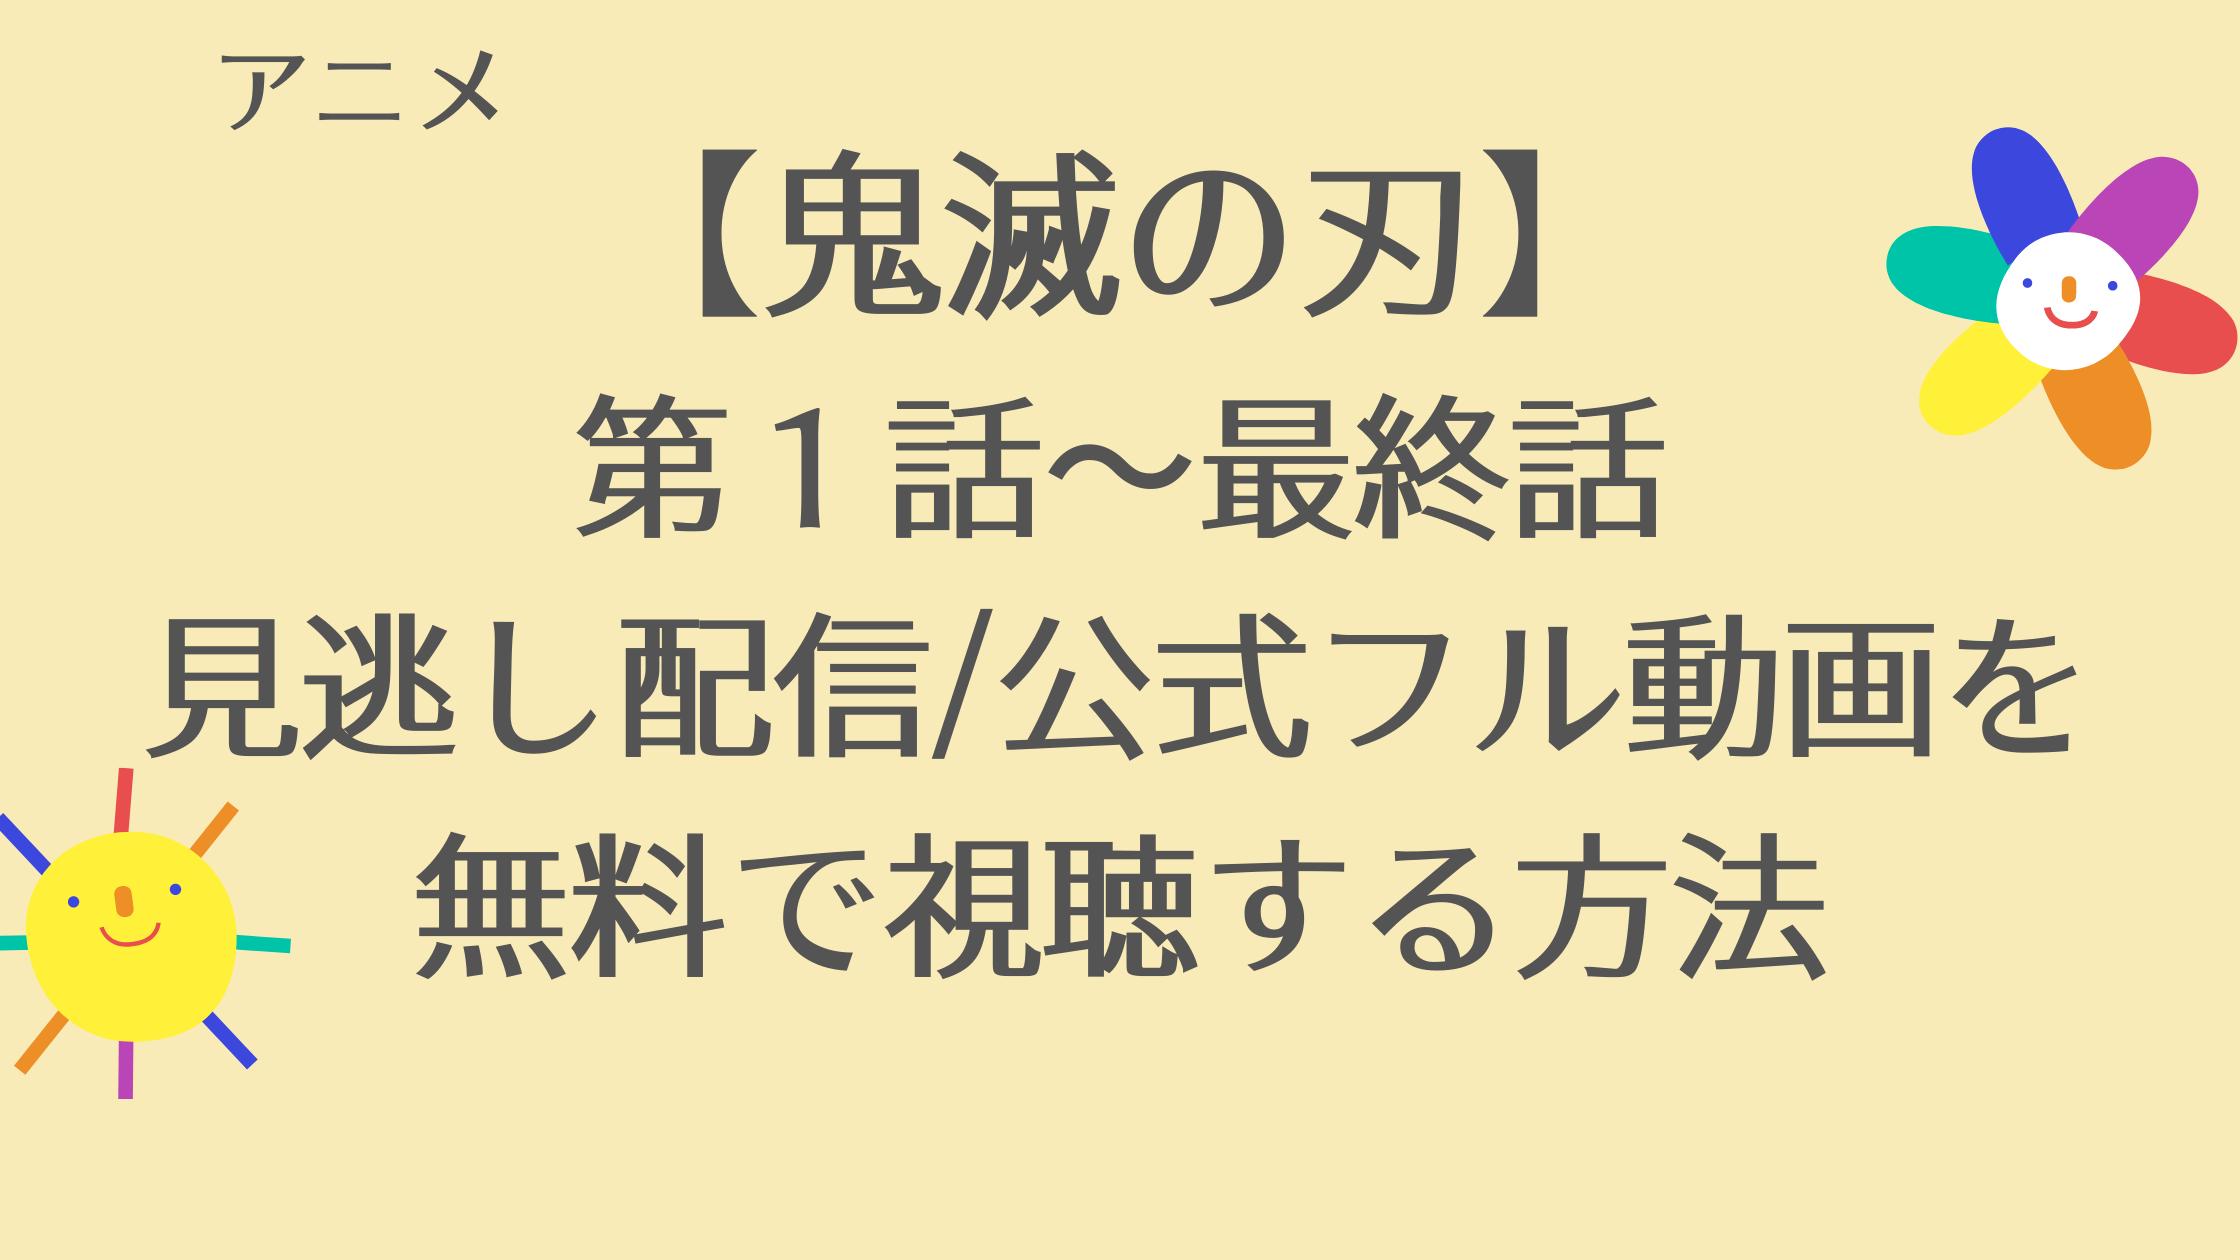 フル動画 鬼滅の刃 アニメ「鬼滅の刃」見逃し動画配信をフルで無料視聴する方法!